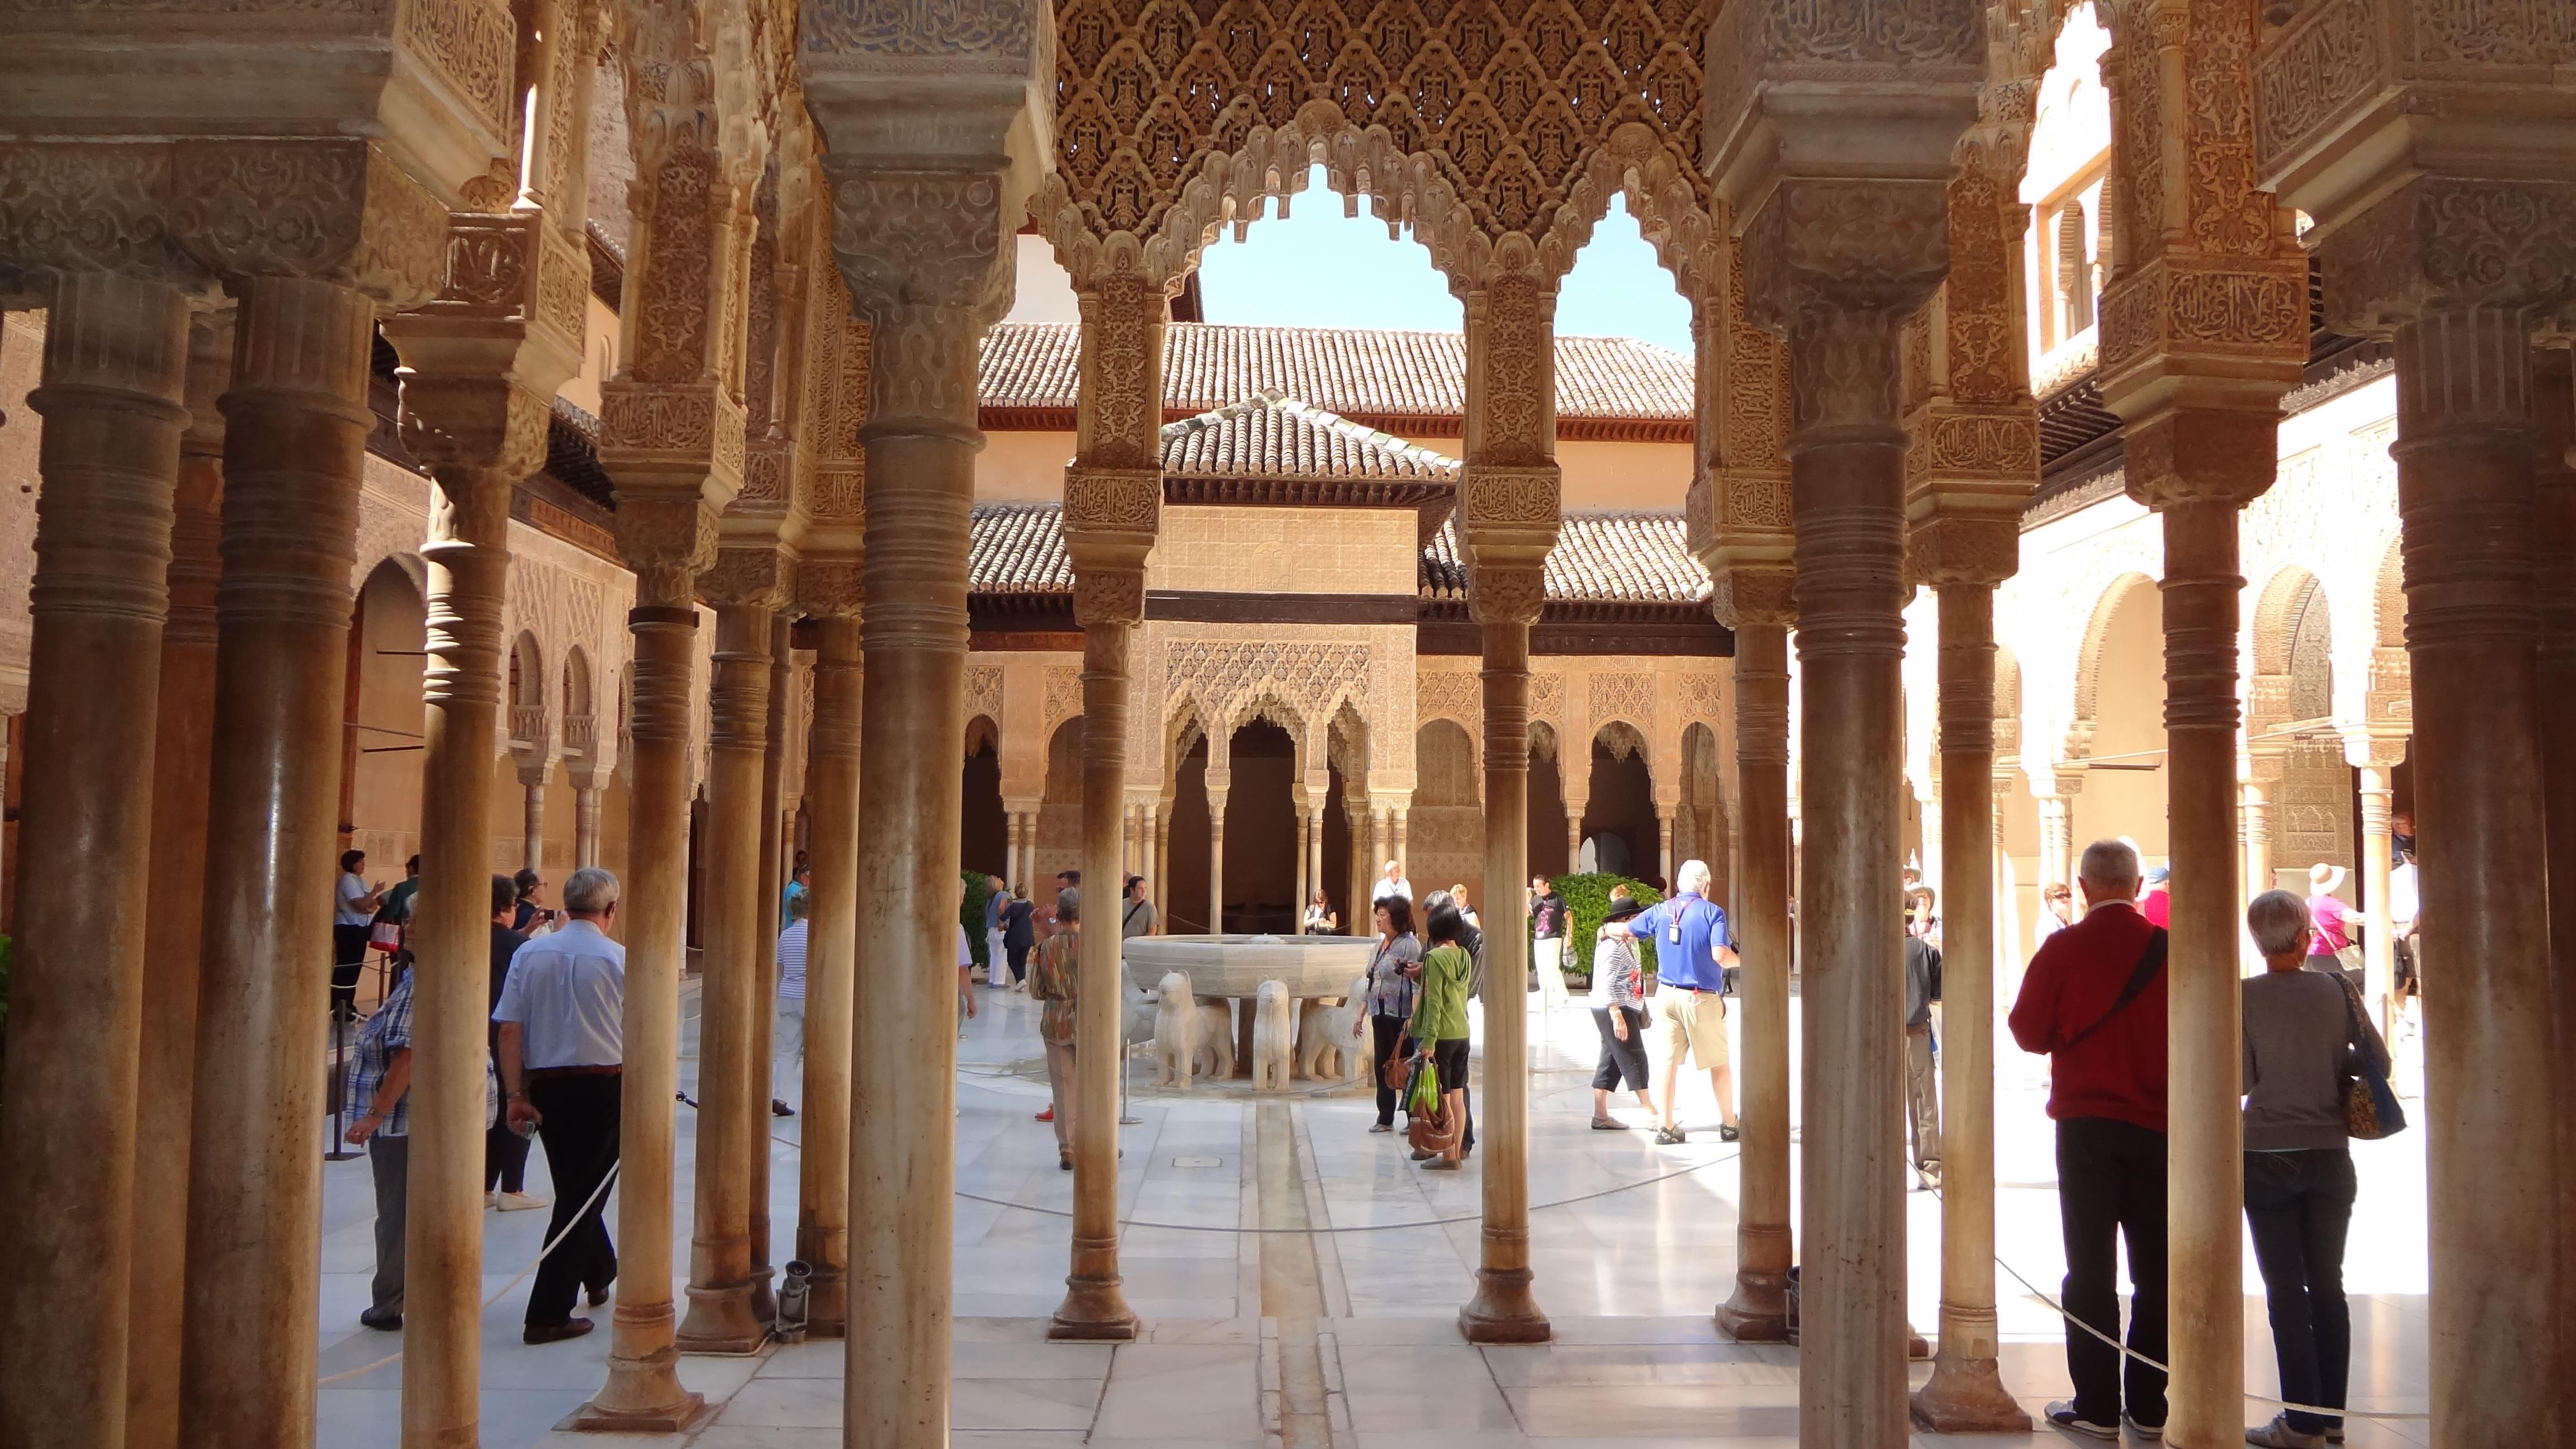 Palacio de los Leones à l'Alhambra, Grenade